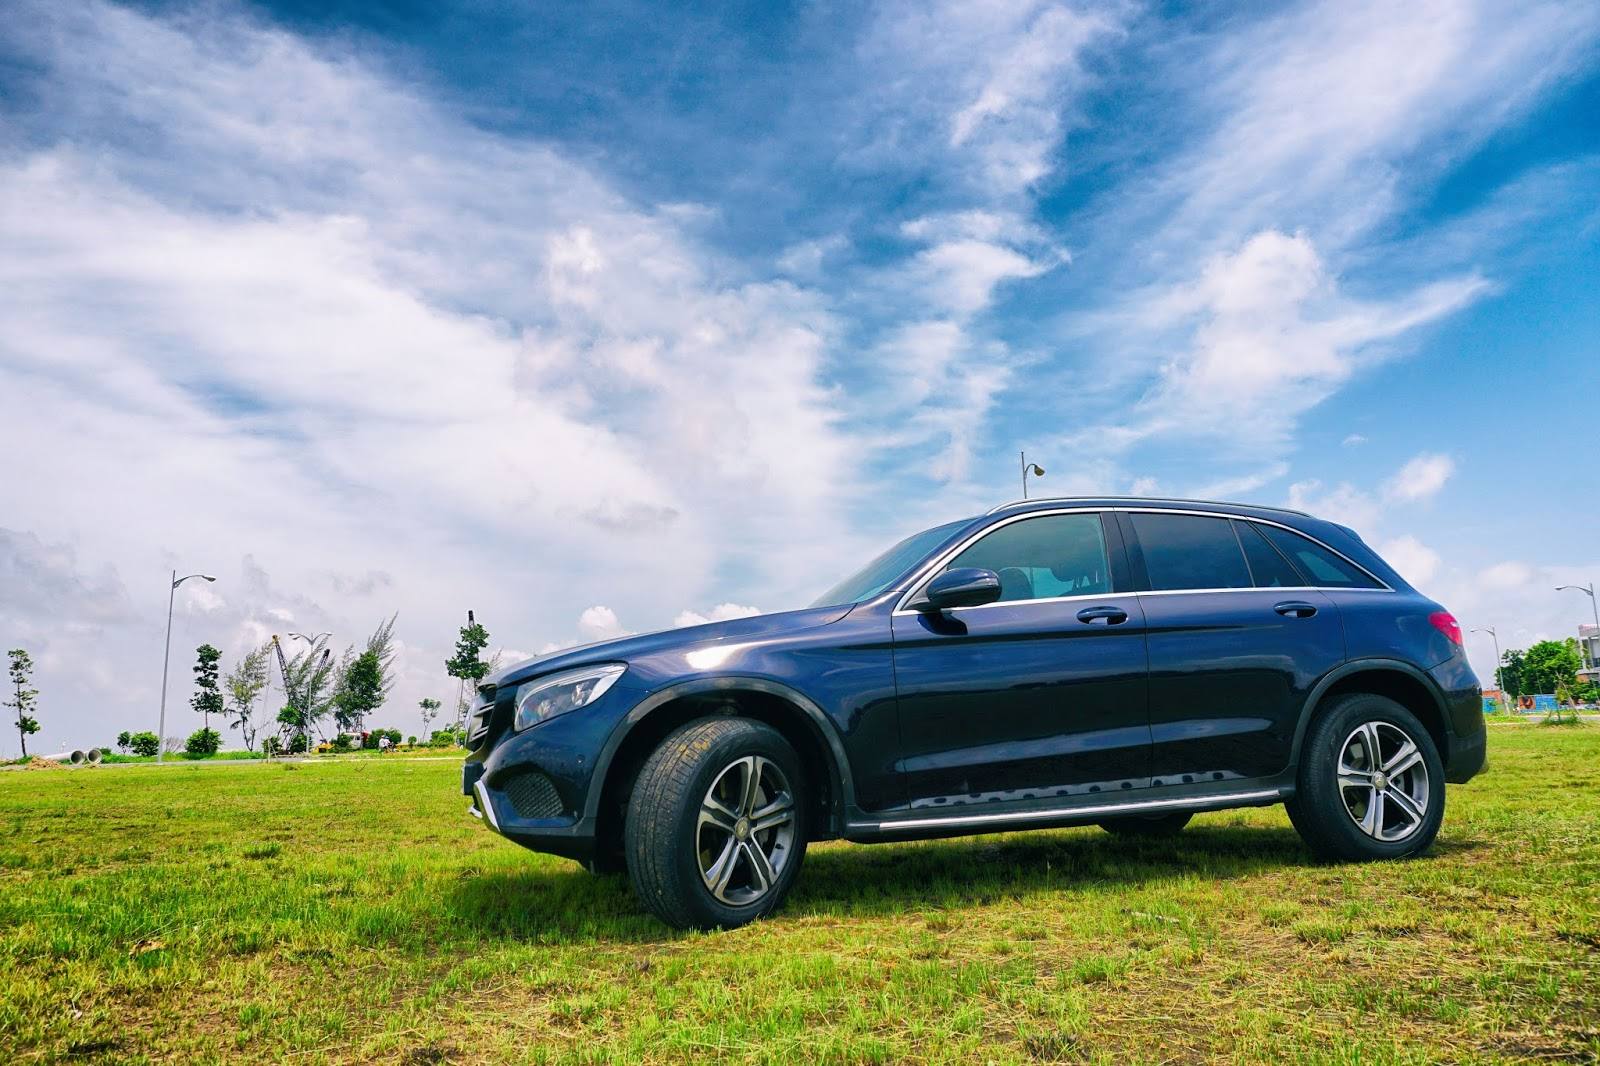 Mercedes Benz GLC 2016 đang là hàng cực HOT trên thị trường